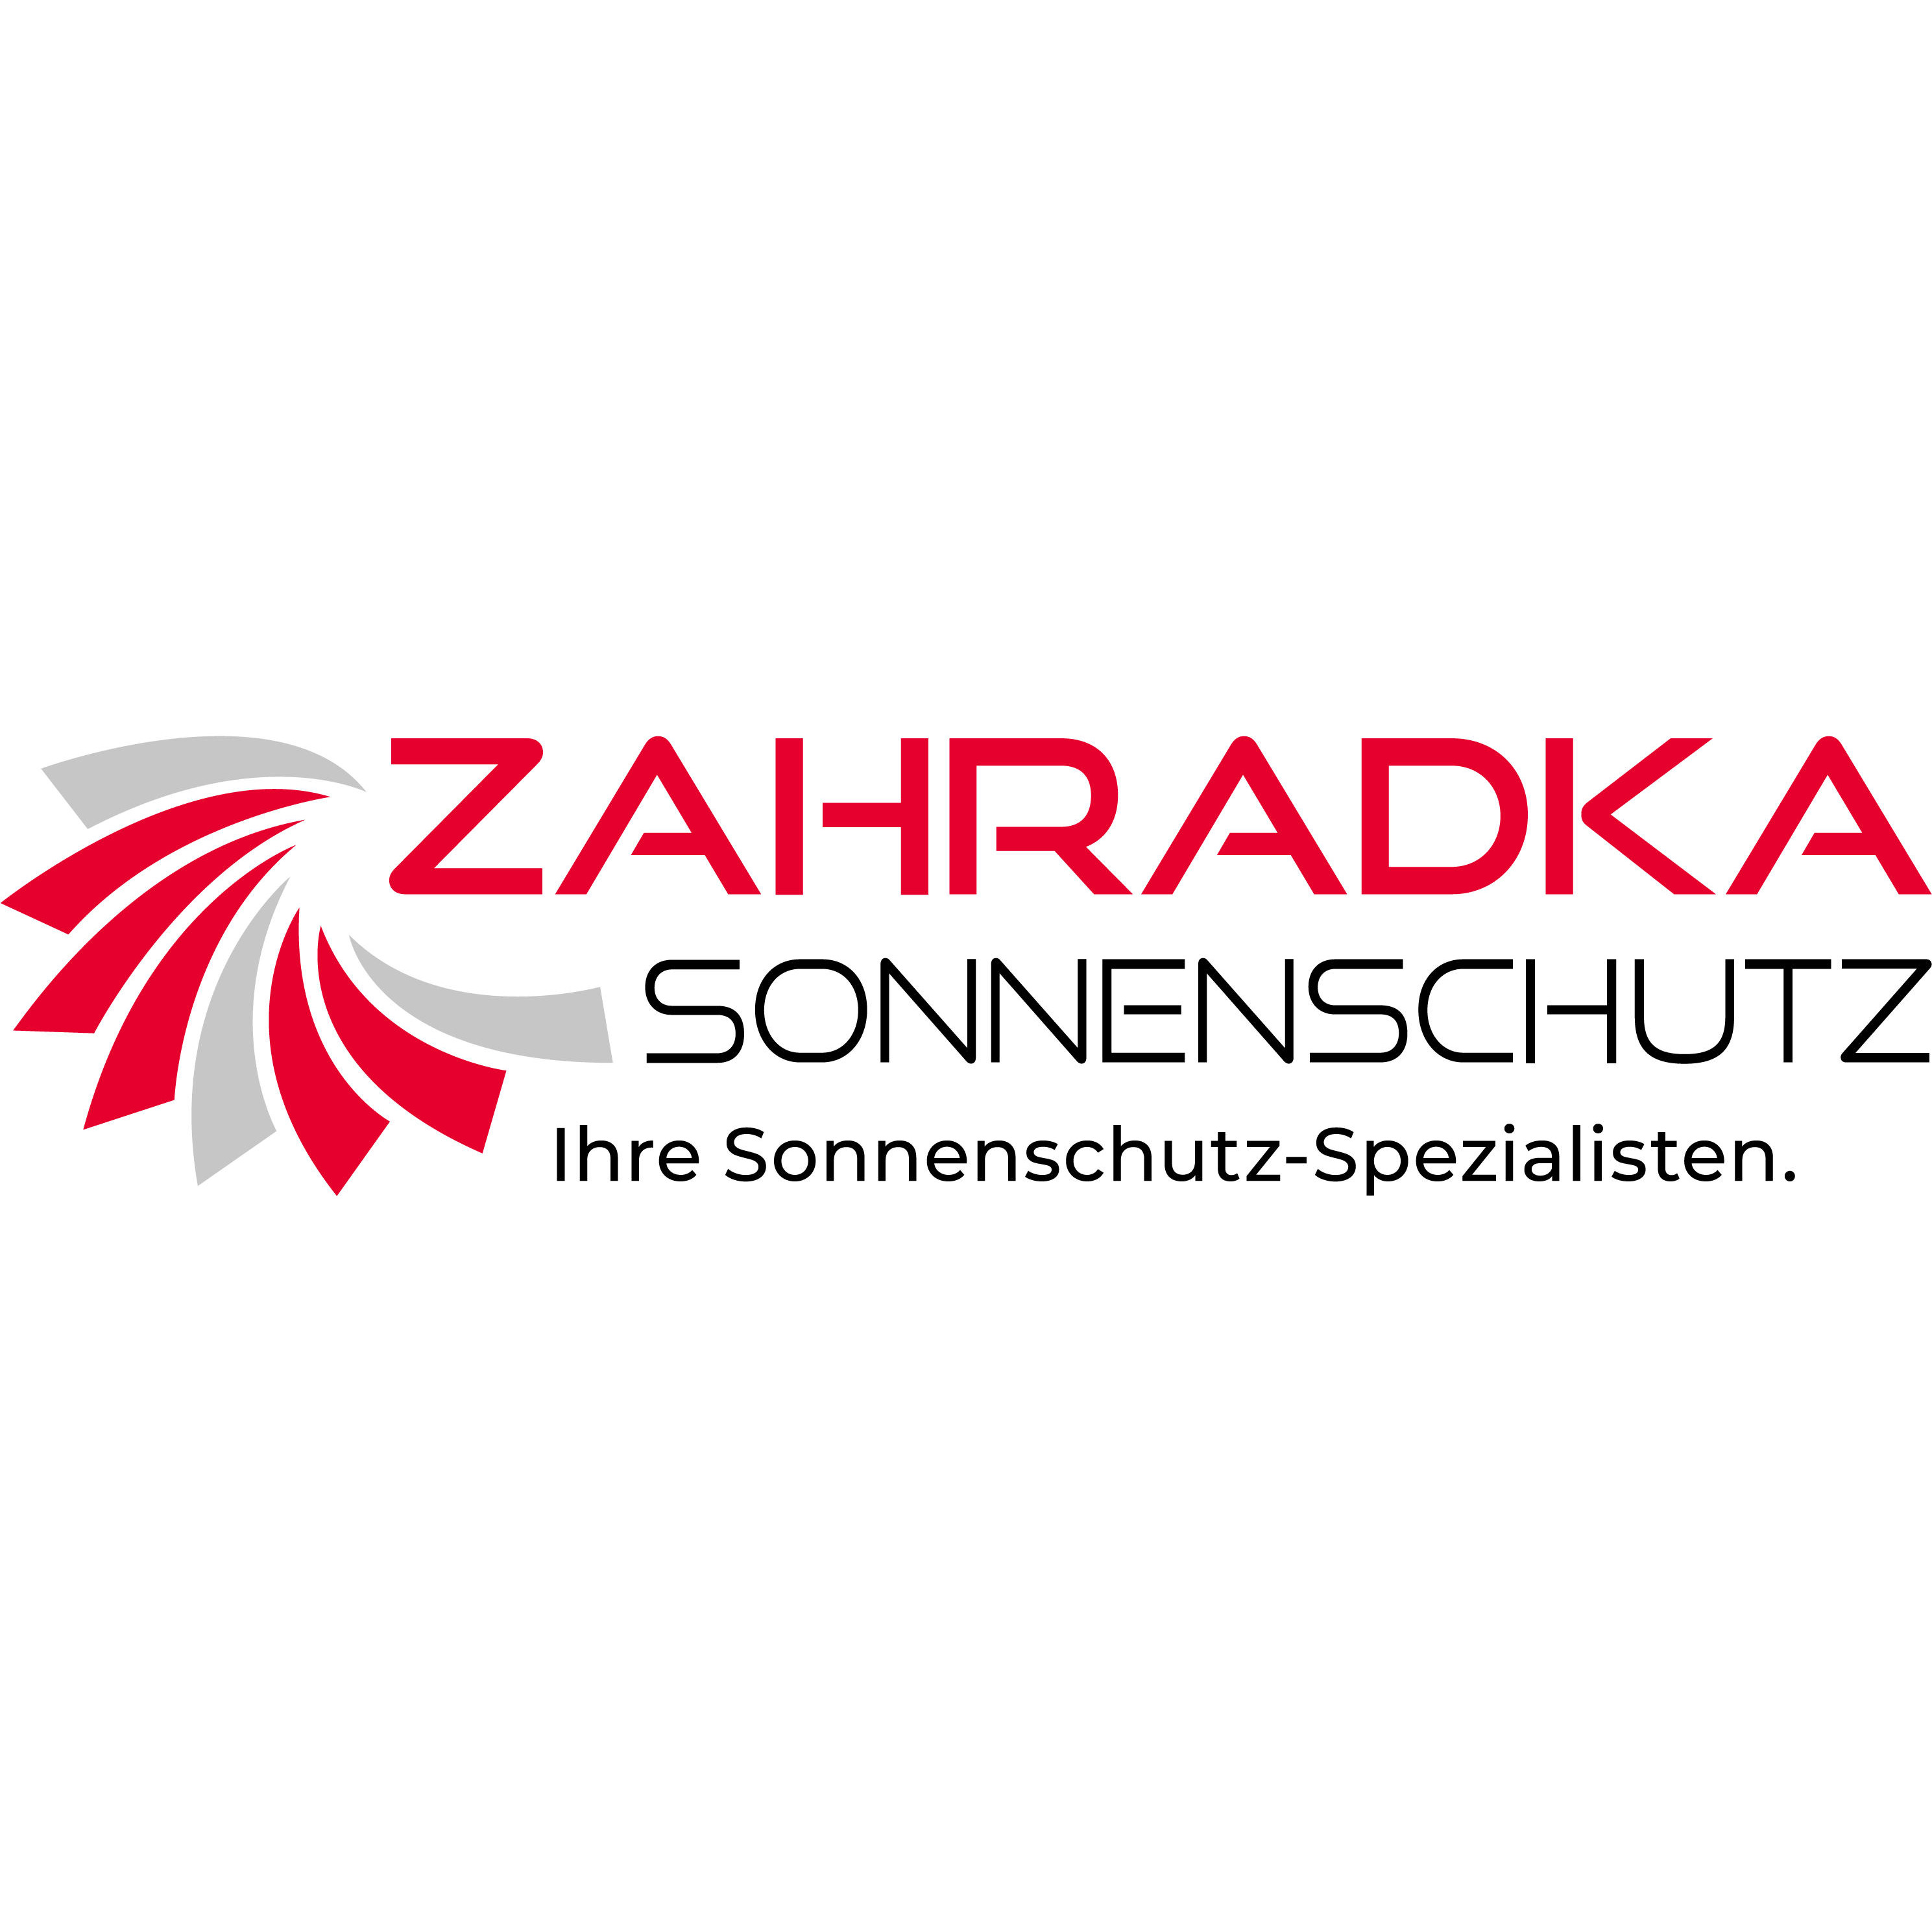 Zahradka Sonnenschutz GmbH & CO KG